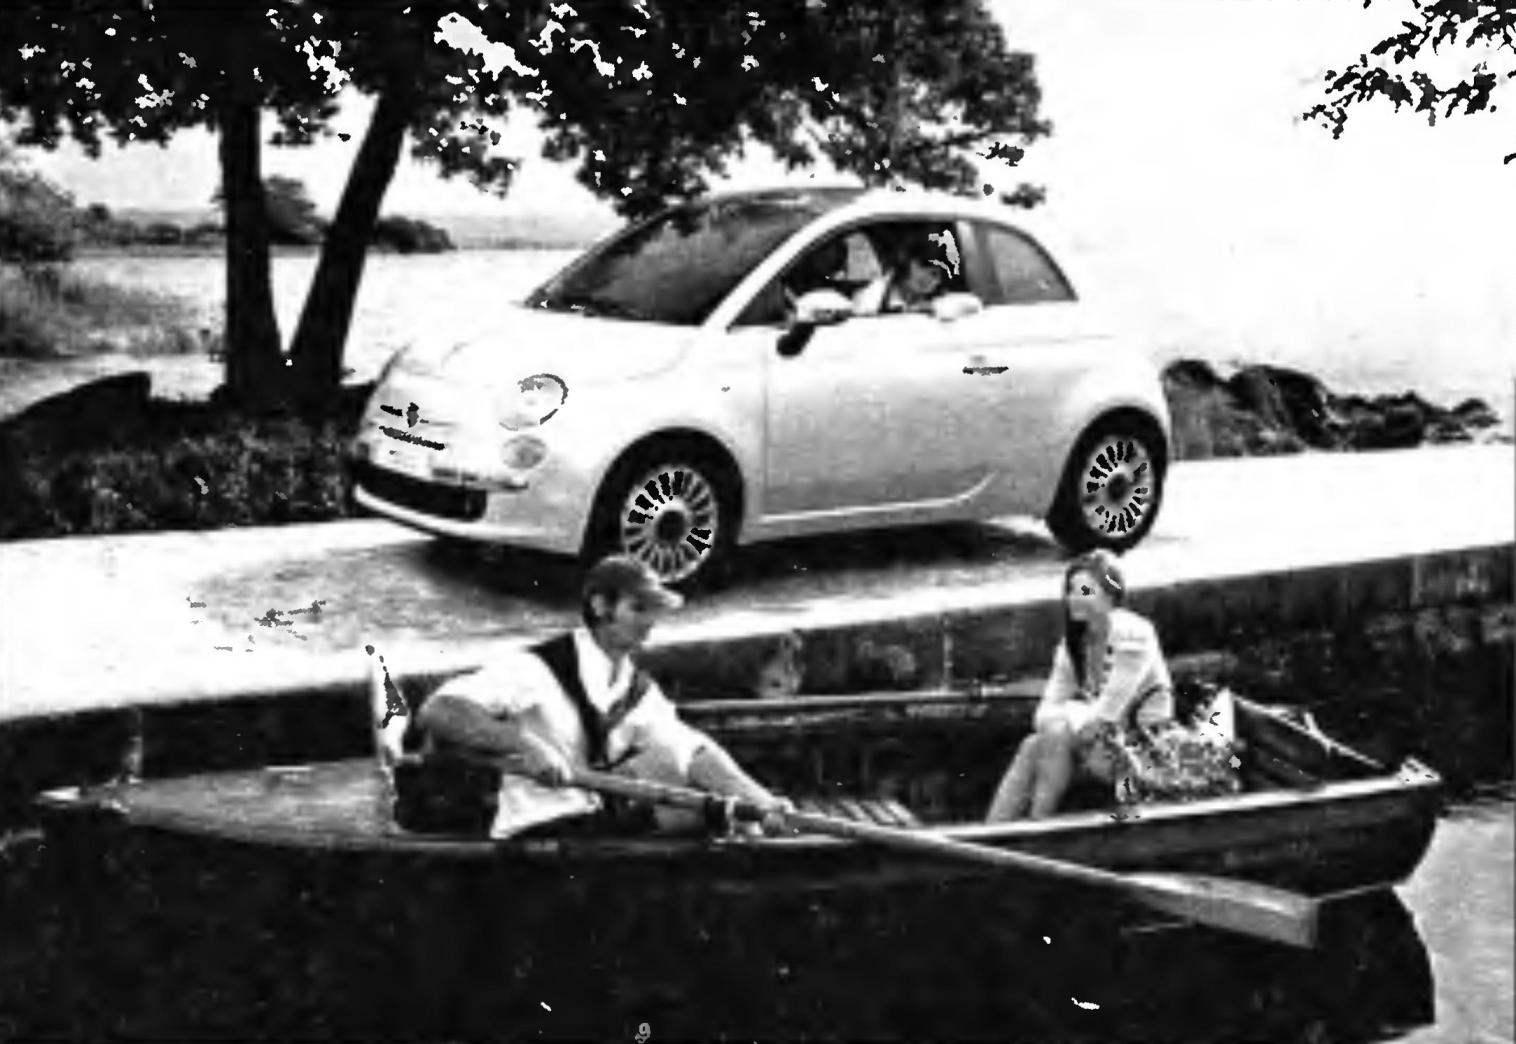 Car FIАТ-500 issue 2007